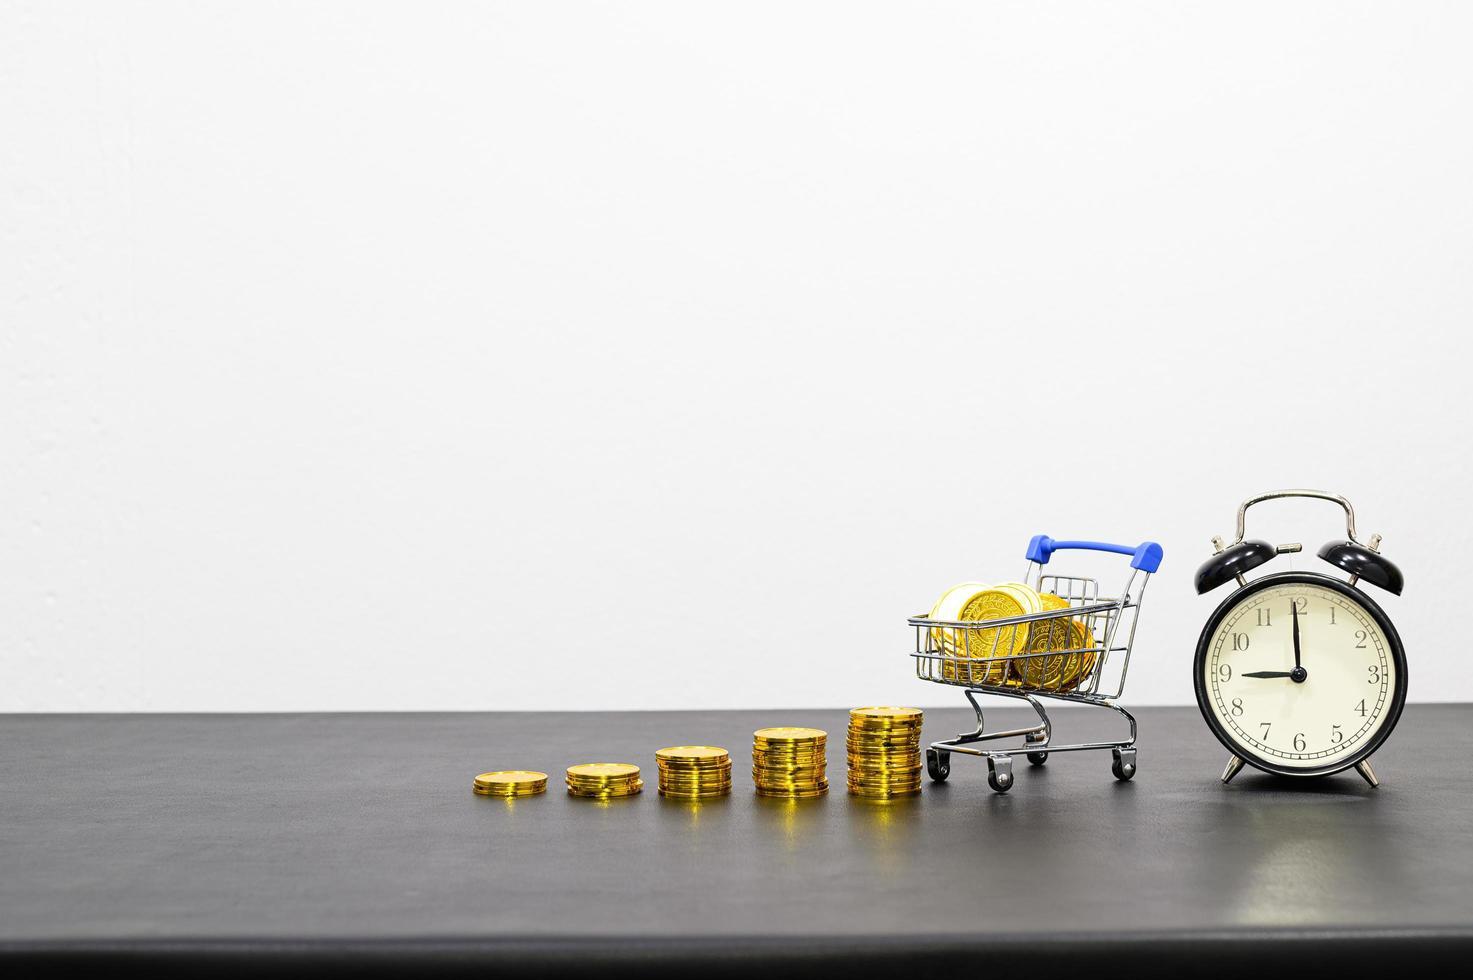 Konzept des finanziellen Wachstums mit Münzen und Wecker foto